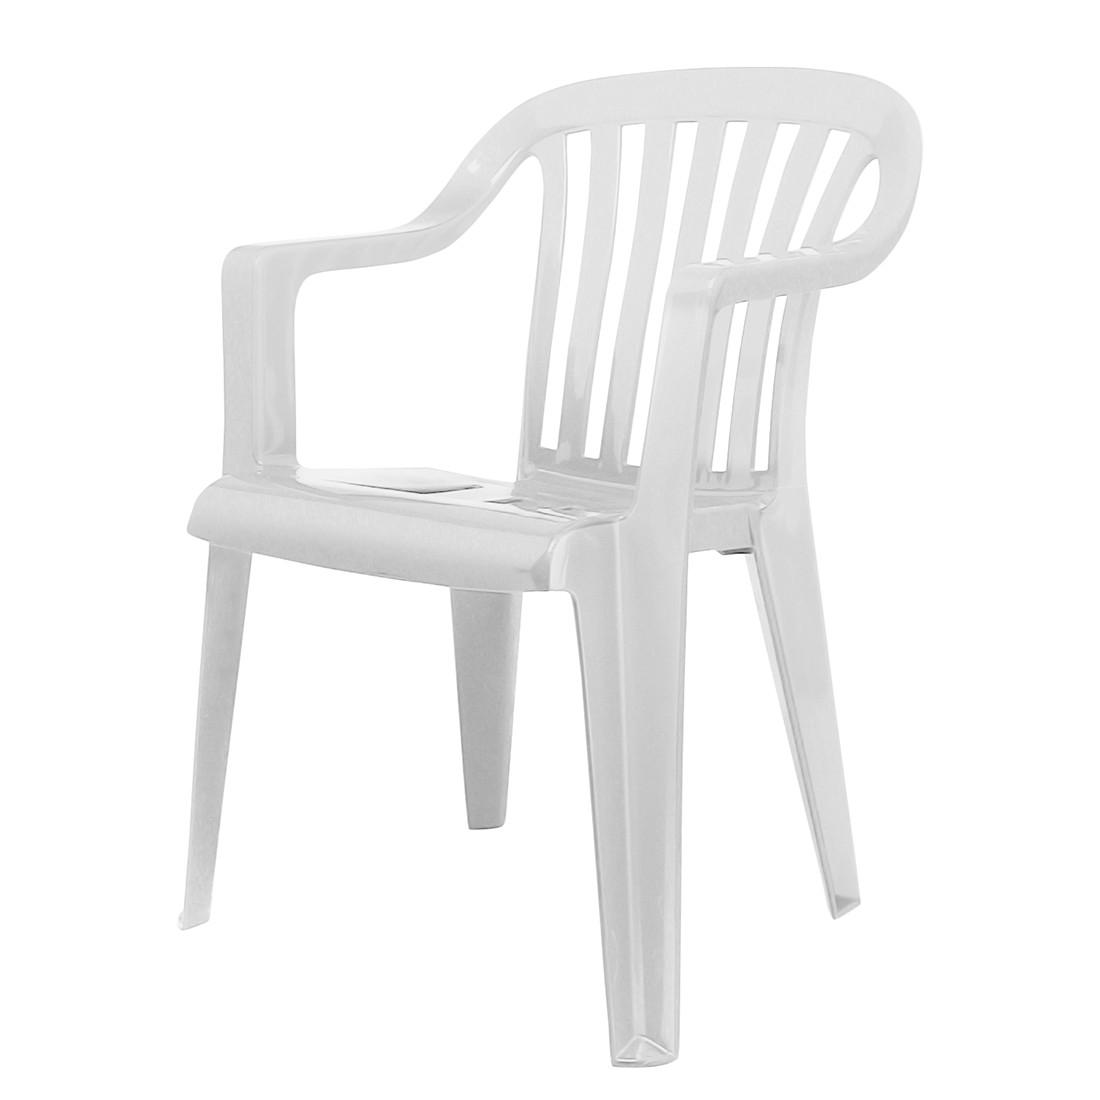 Stapelstuhl Memphis - Kunststoff - Weiß, Best Freizeitmöbel